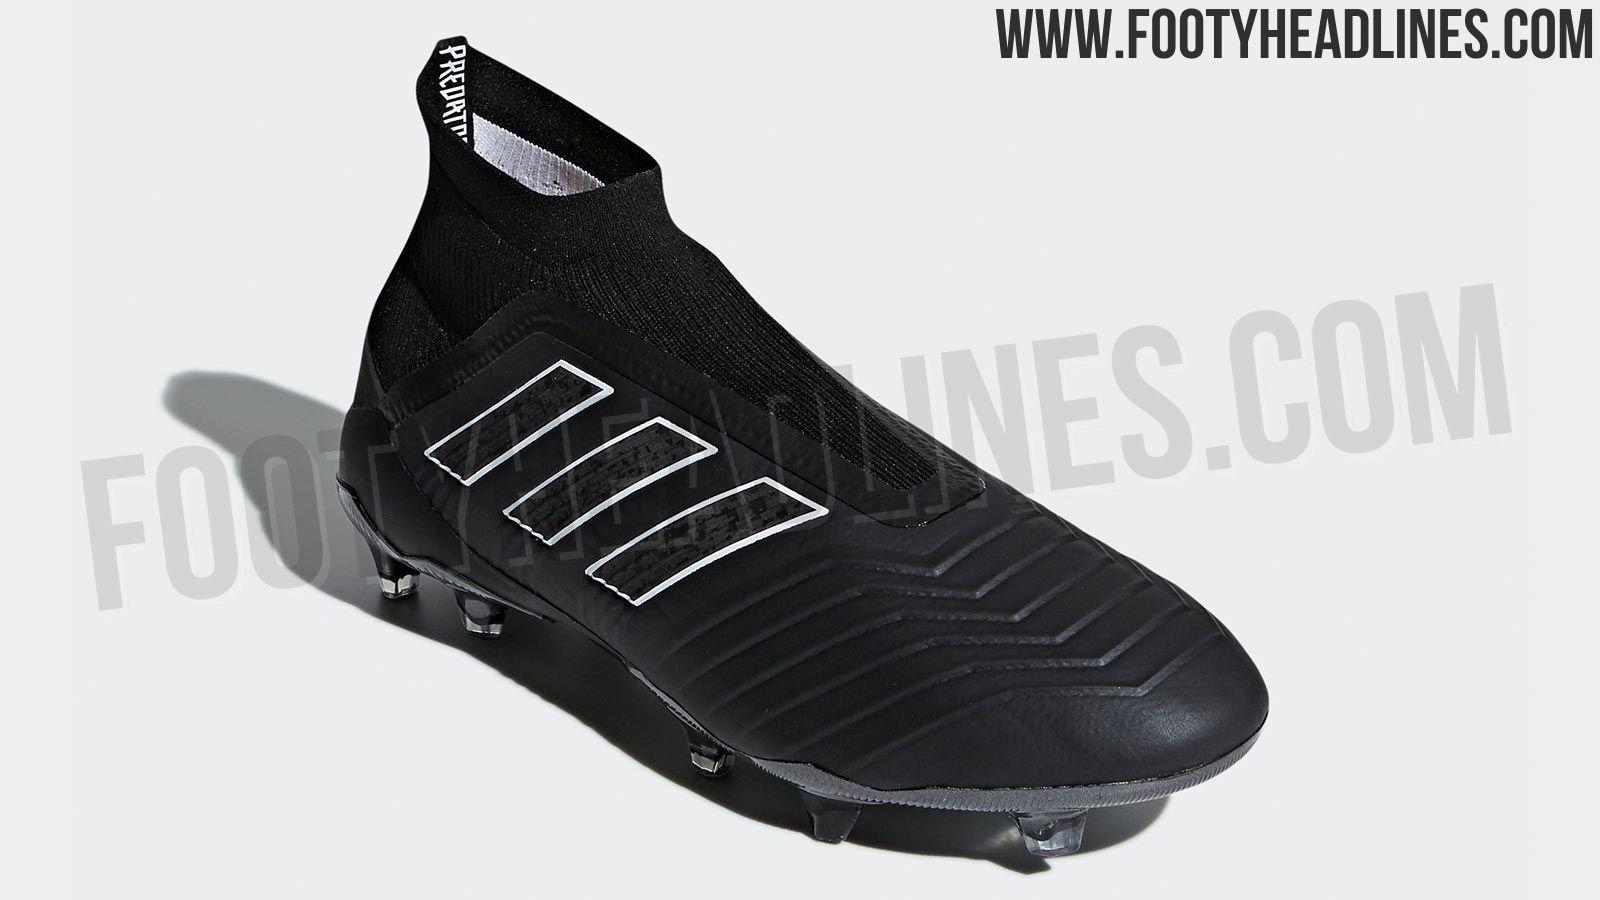 wholesale dealer 0ecf5 57da6 Adidas Predator 18+ - Features